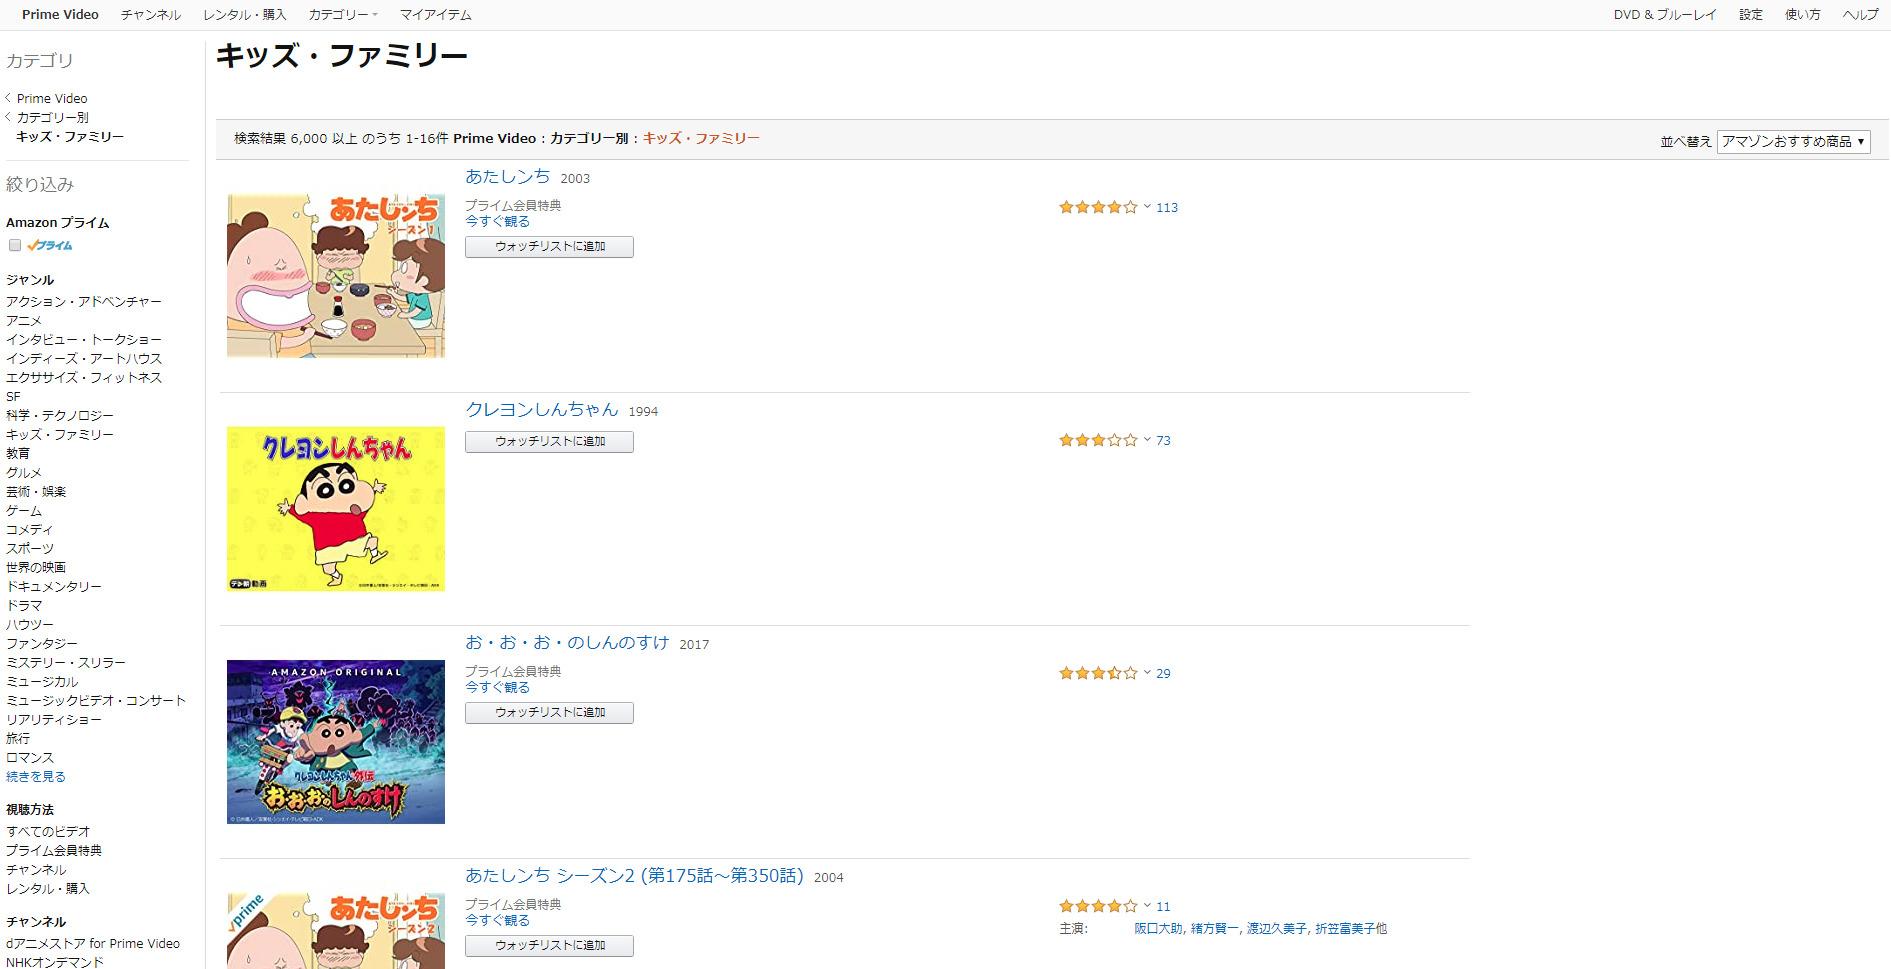 Amazonプライムビデオのキッズ・ファミリーカテゴリー